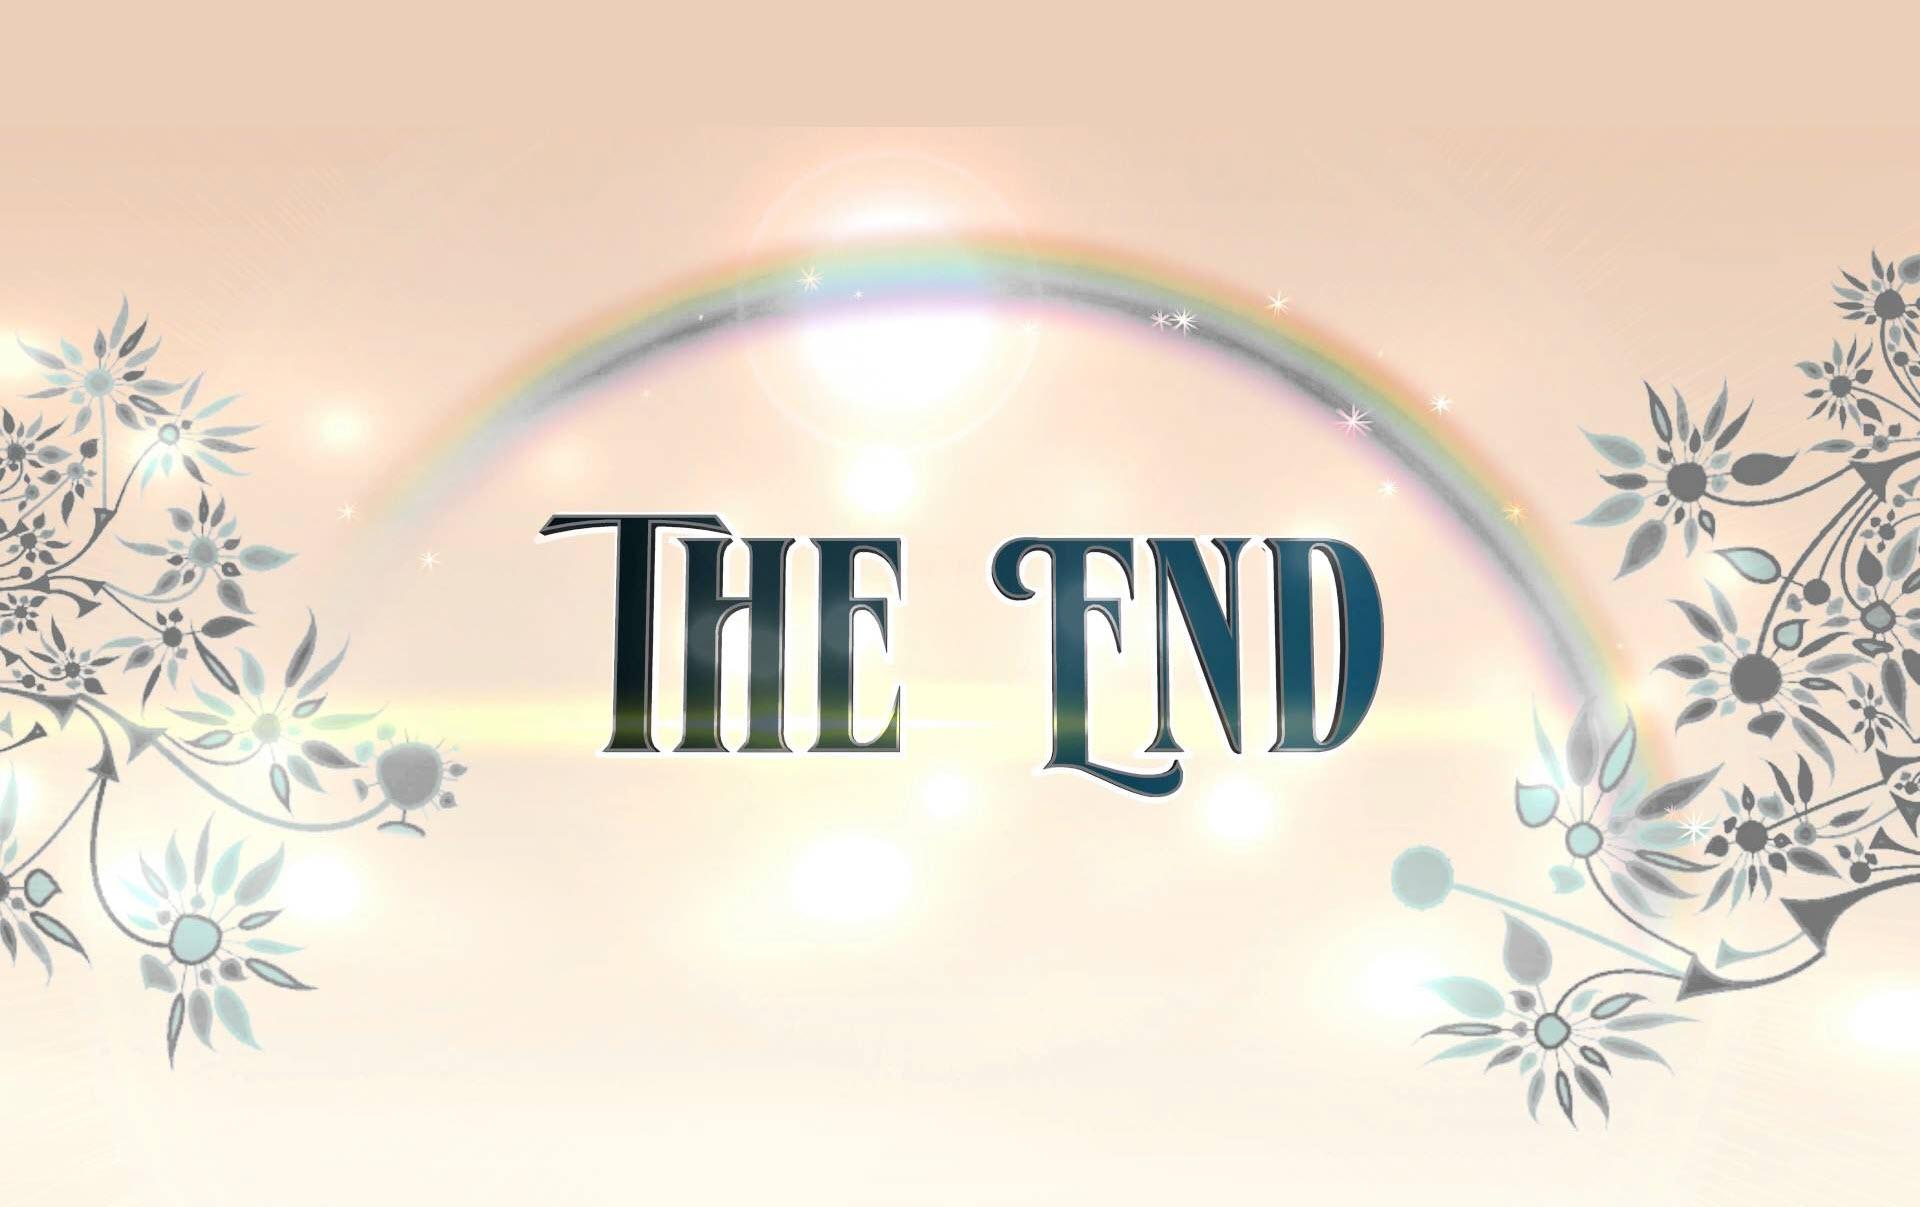 ThuThuatTinHoc - Slide kết thúc đẹp (37)